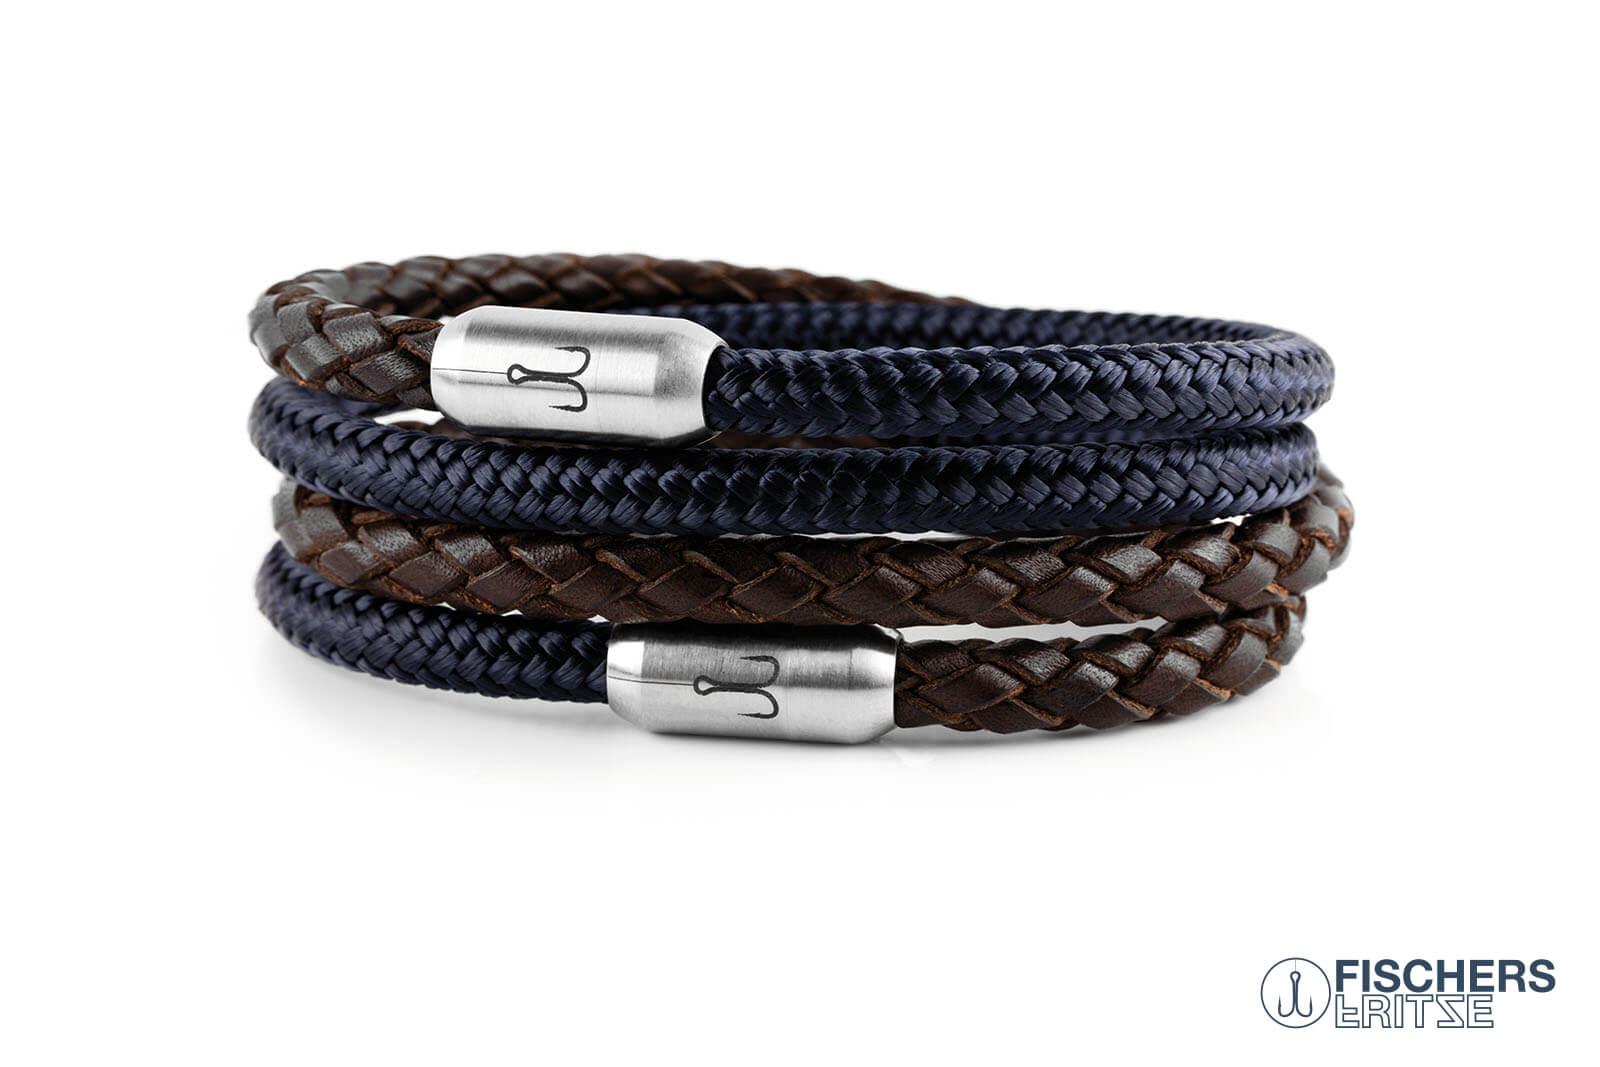 armband-fischers-fritze-kombigarnele-braun-geflochten-blau-leder-segeltau